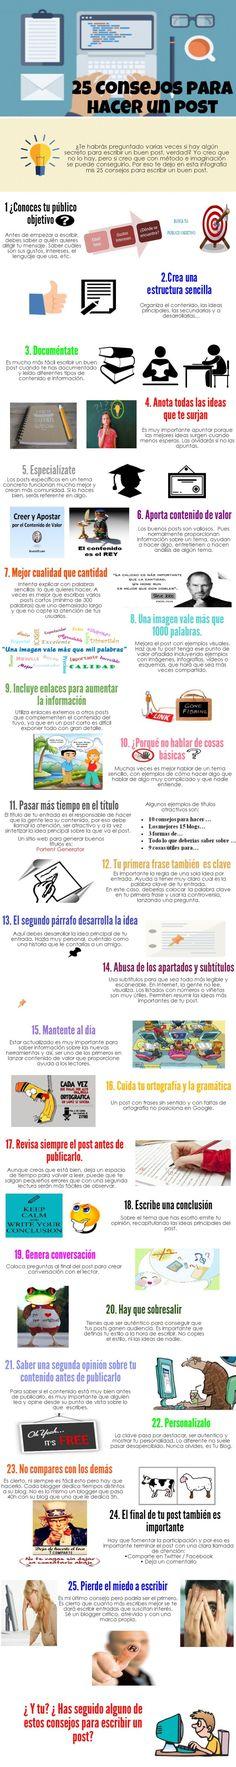 25 consejos para hacer un post. Infografía en español. #CommunityManager